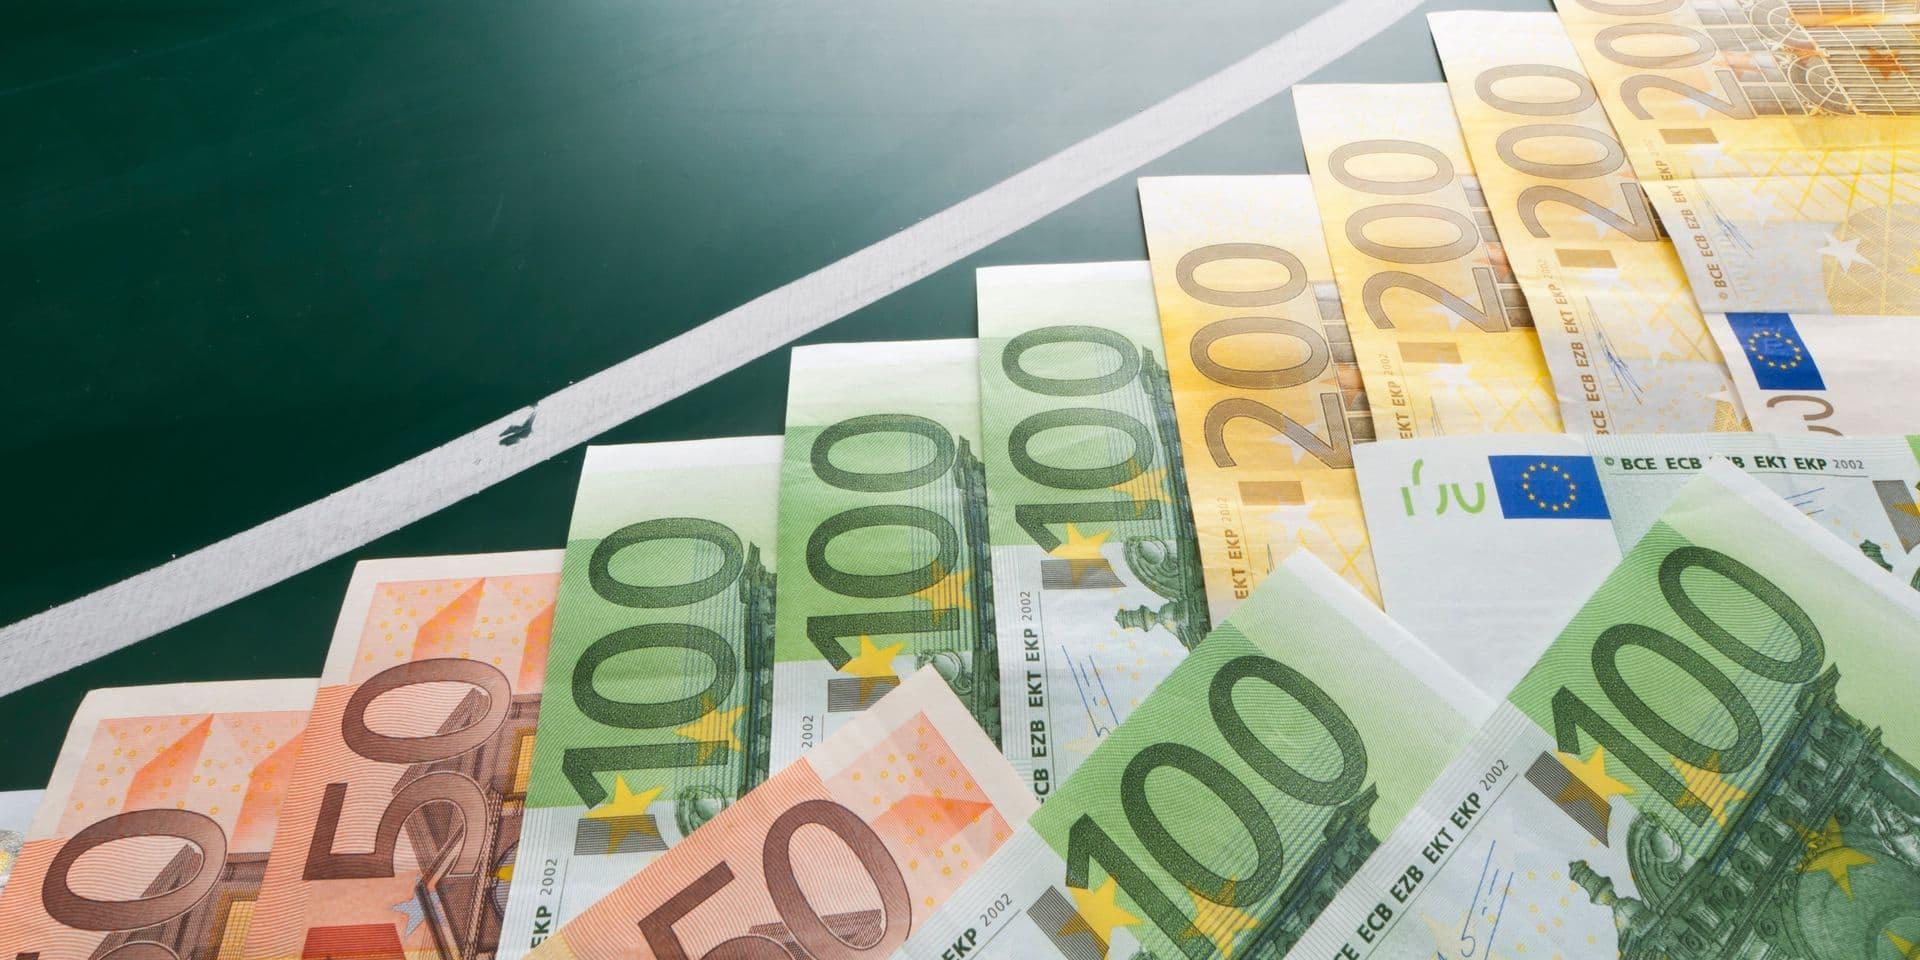 La Belgique occupe la 2ème place du classement européen des coûts salariaux les plus élevés